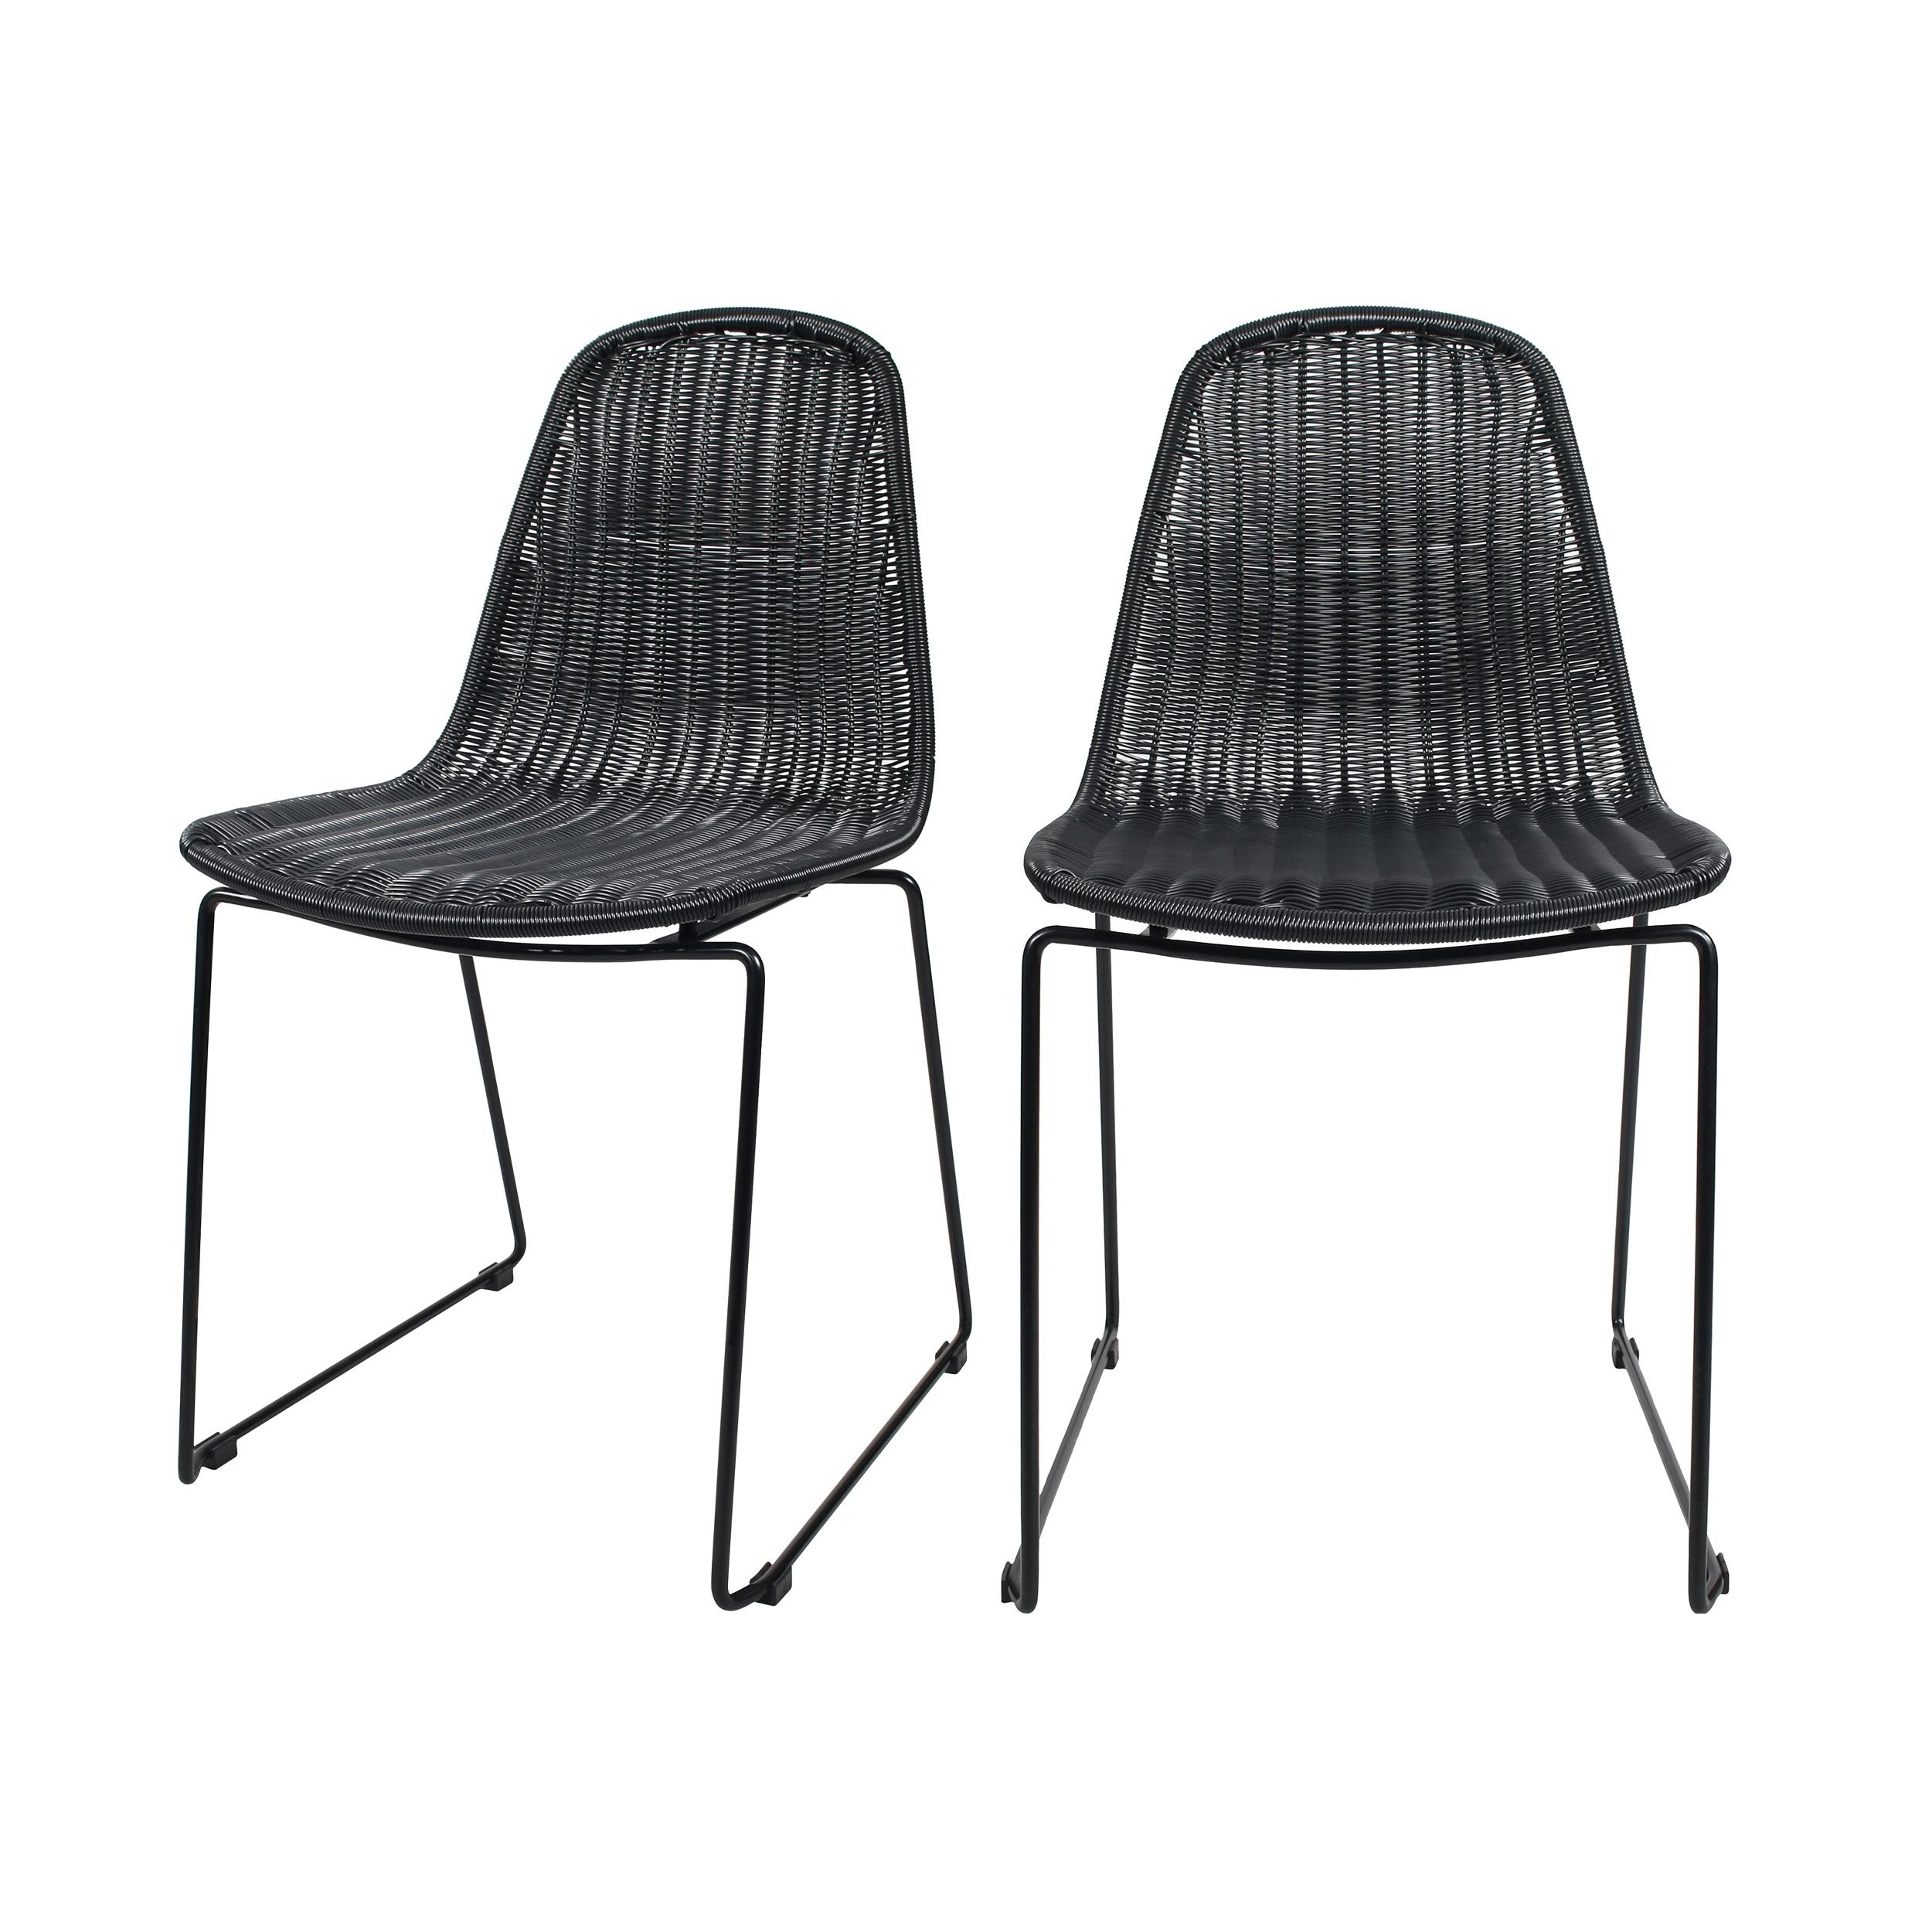 Chaise en résine tressée noire intérieur/extérieur (x2)